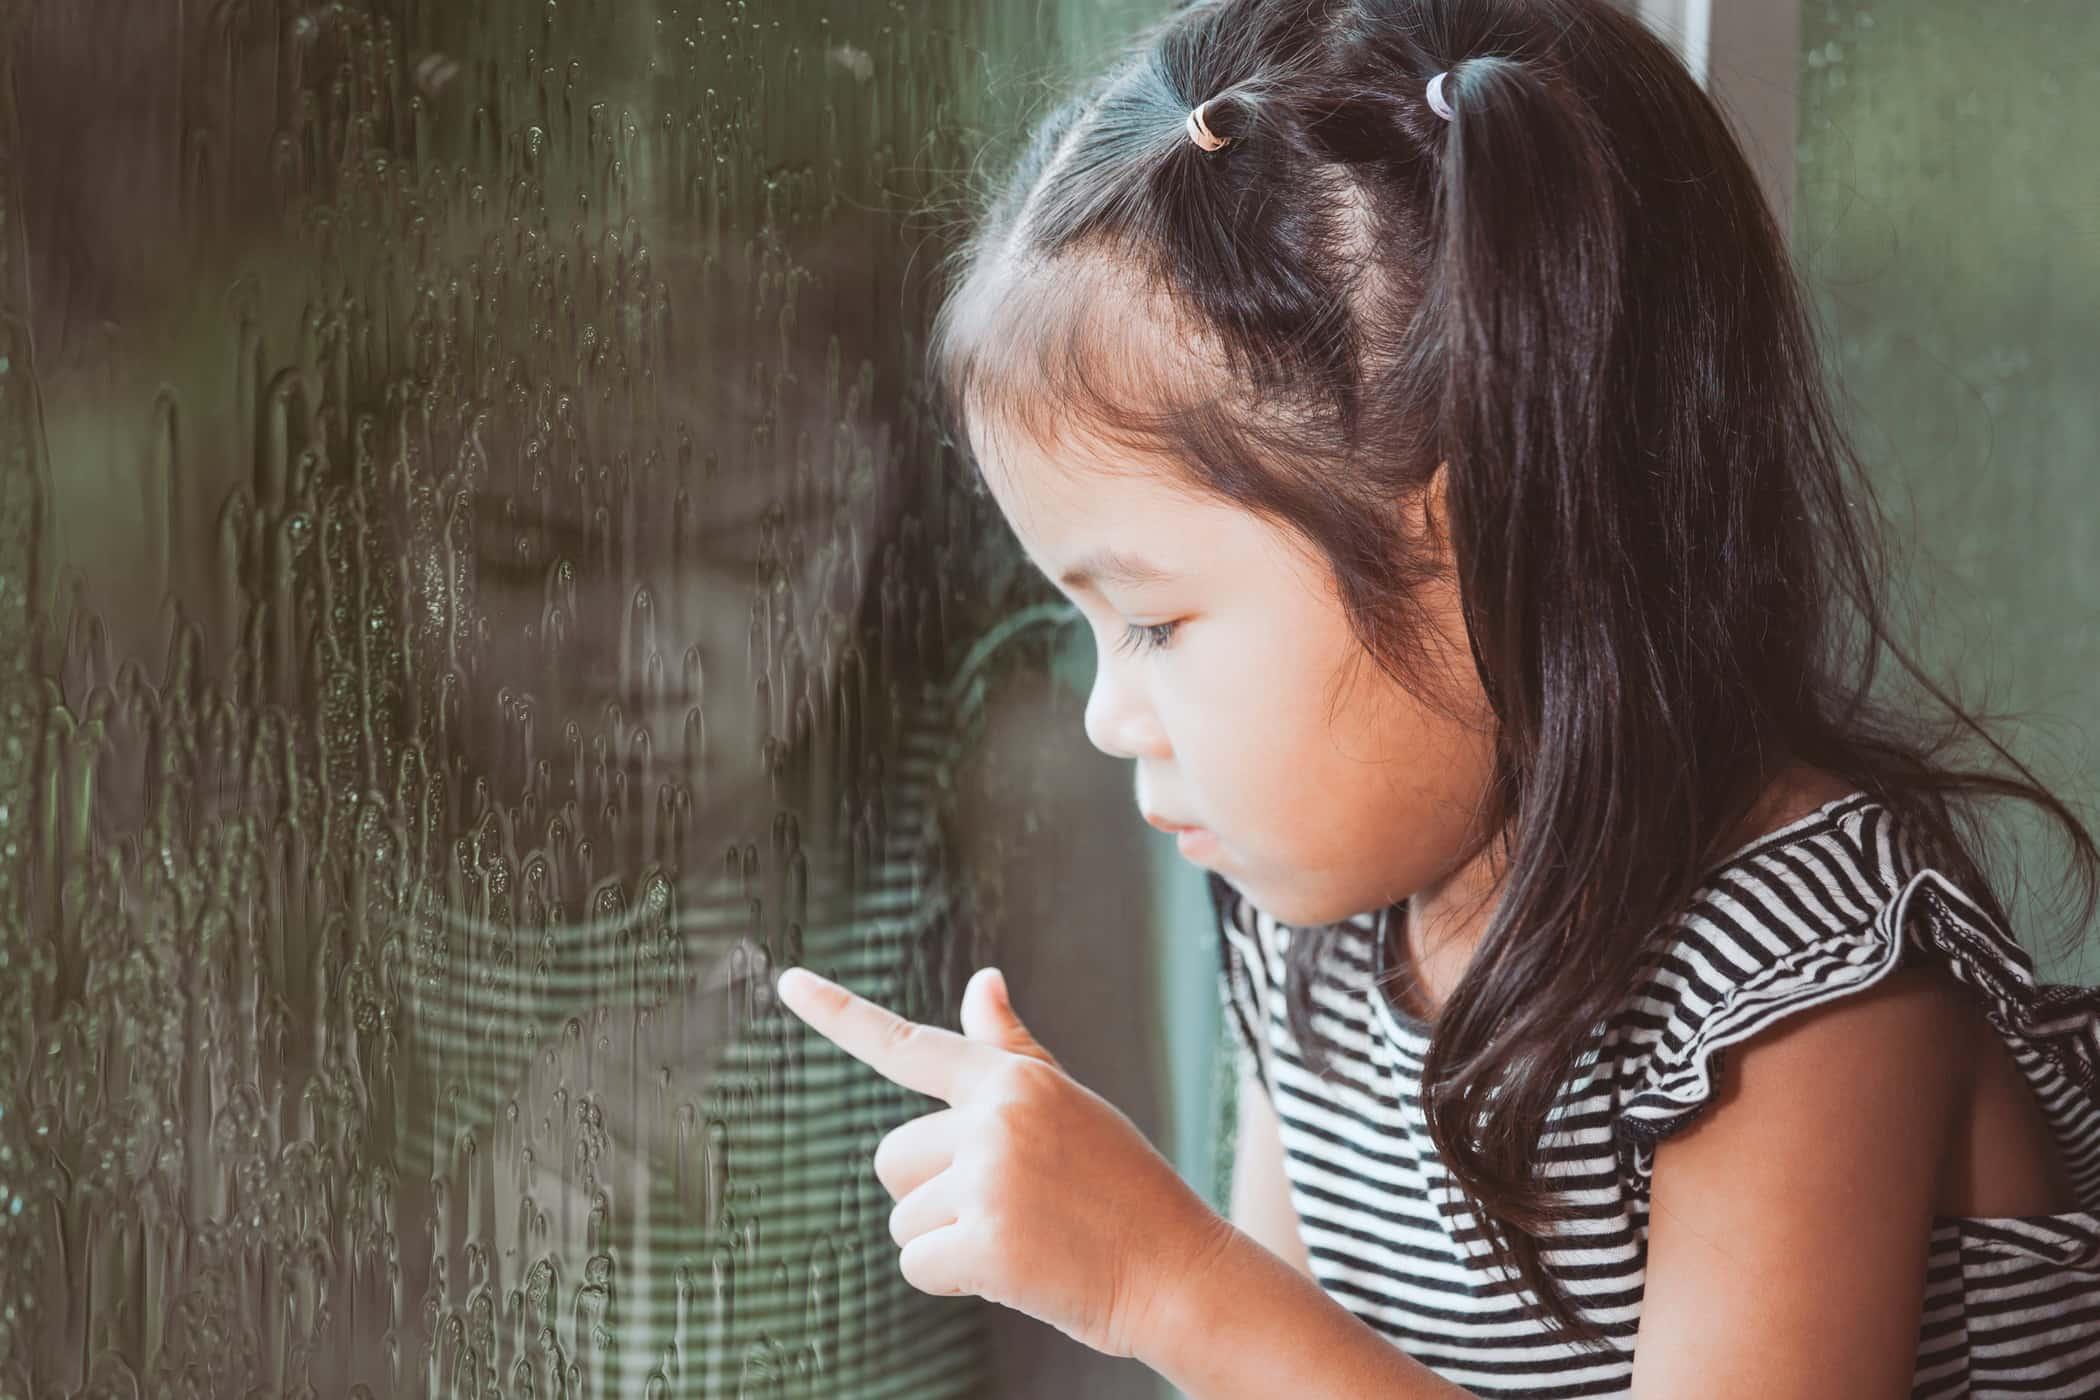 https: img.okezone.com content 2017 07 16 481 1737420 anak-bisa-juga-stres-simak-8-tanda-tandanya-yang-wajib-orangtua-tahu-zV0NbDaBiO.jpg